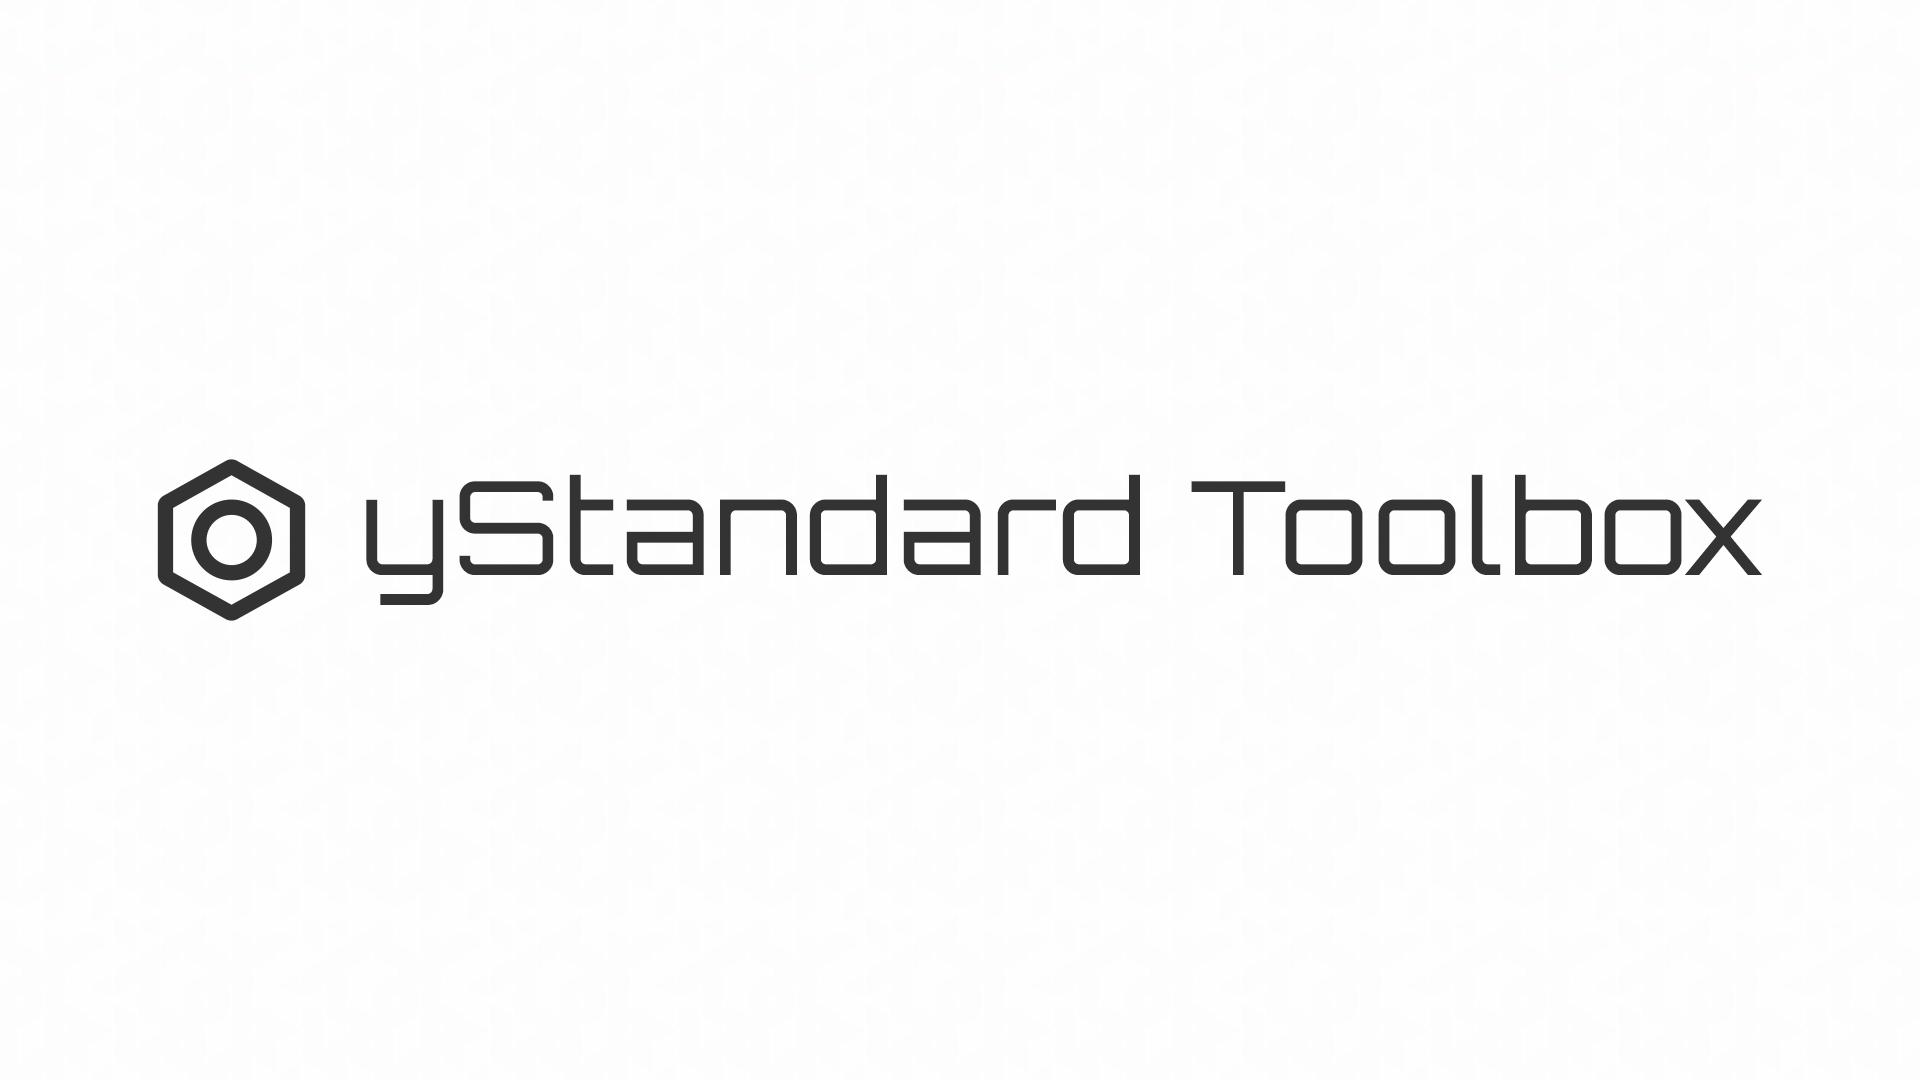 【終了しました】yStandard Toolbox β版テスト参加募集のお知らせ